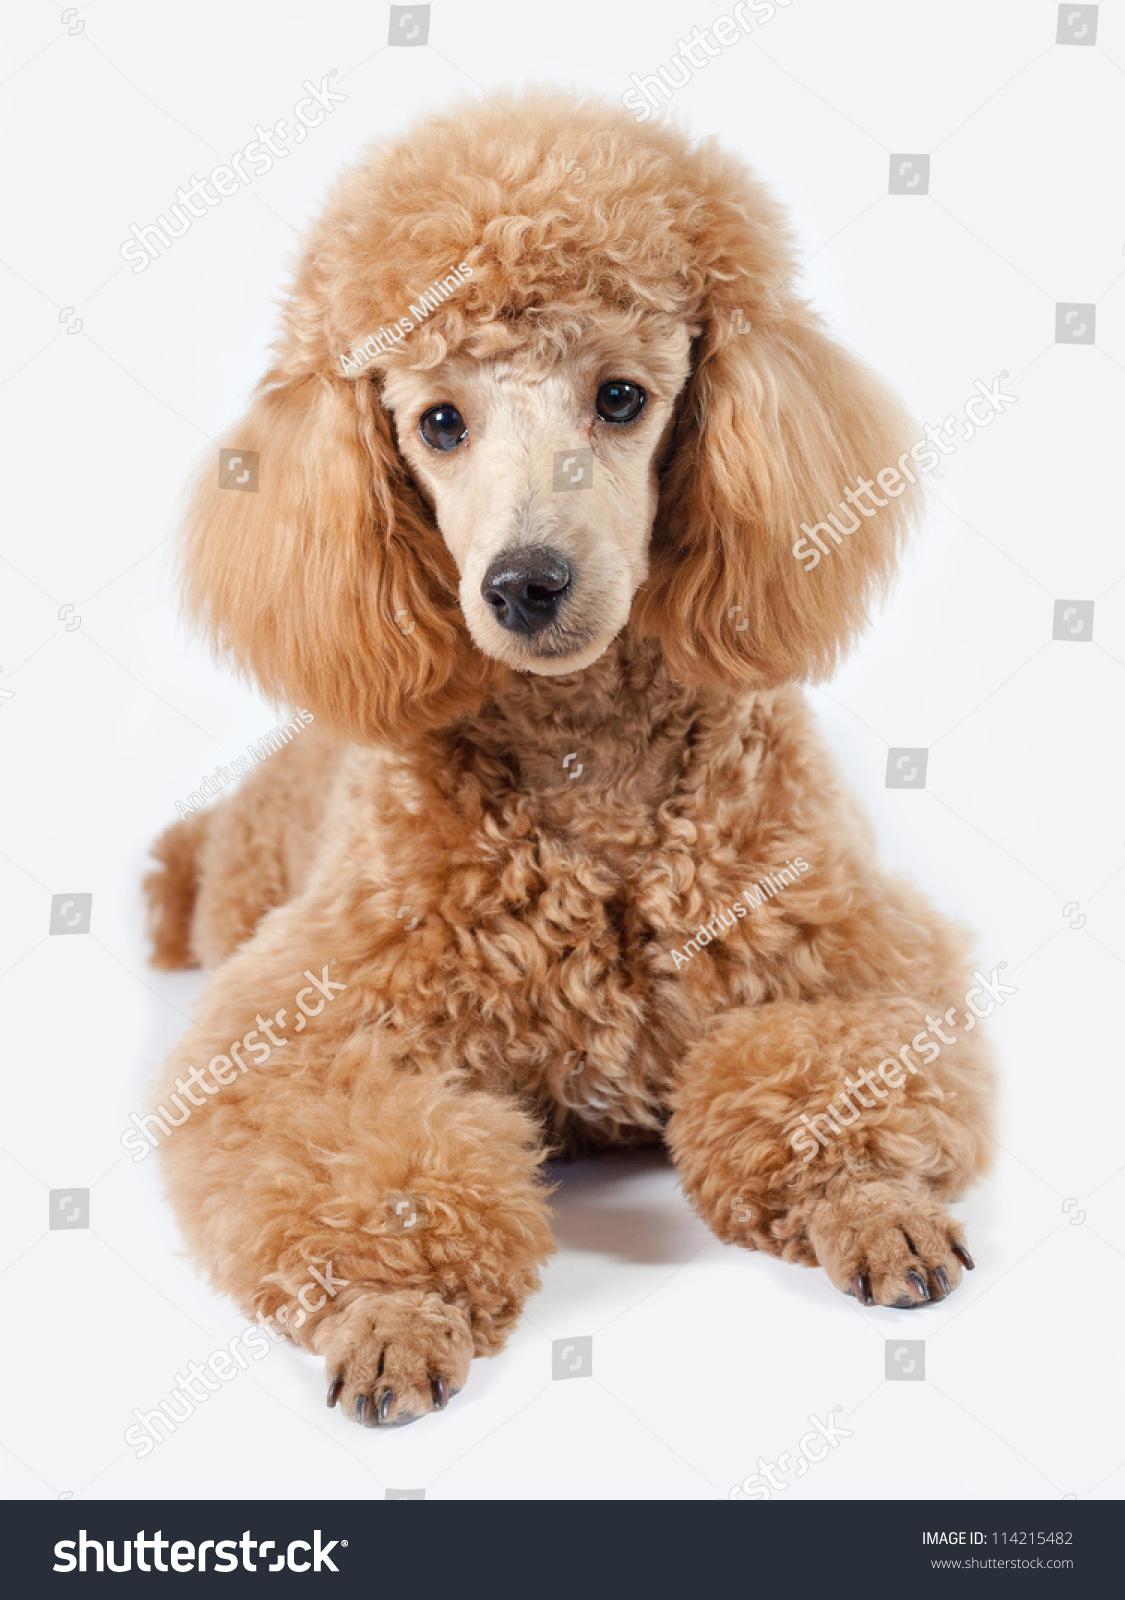 Fancy Dog Stock Photo 114215482 - Shutterstock